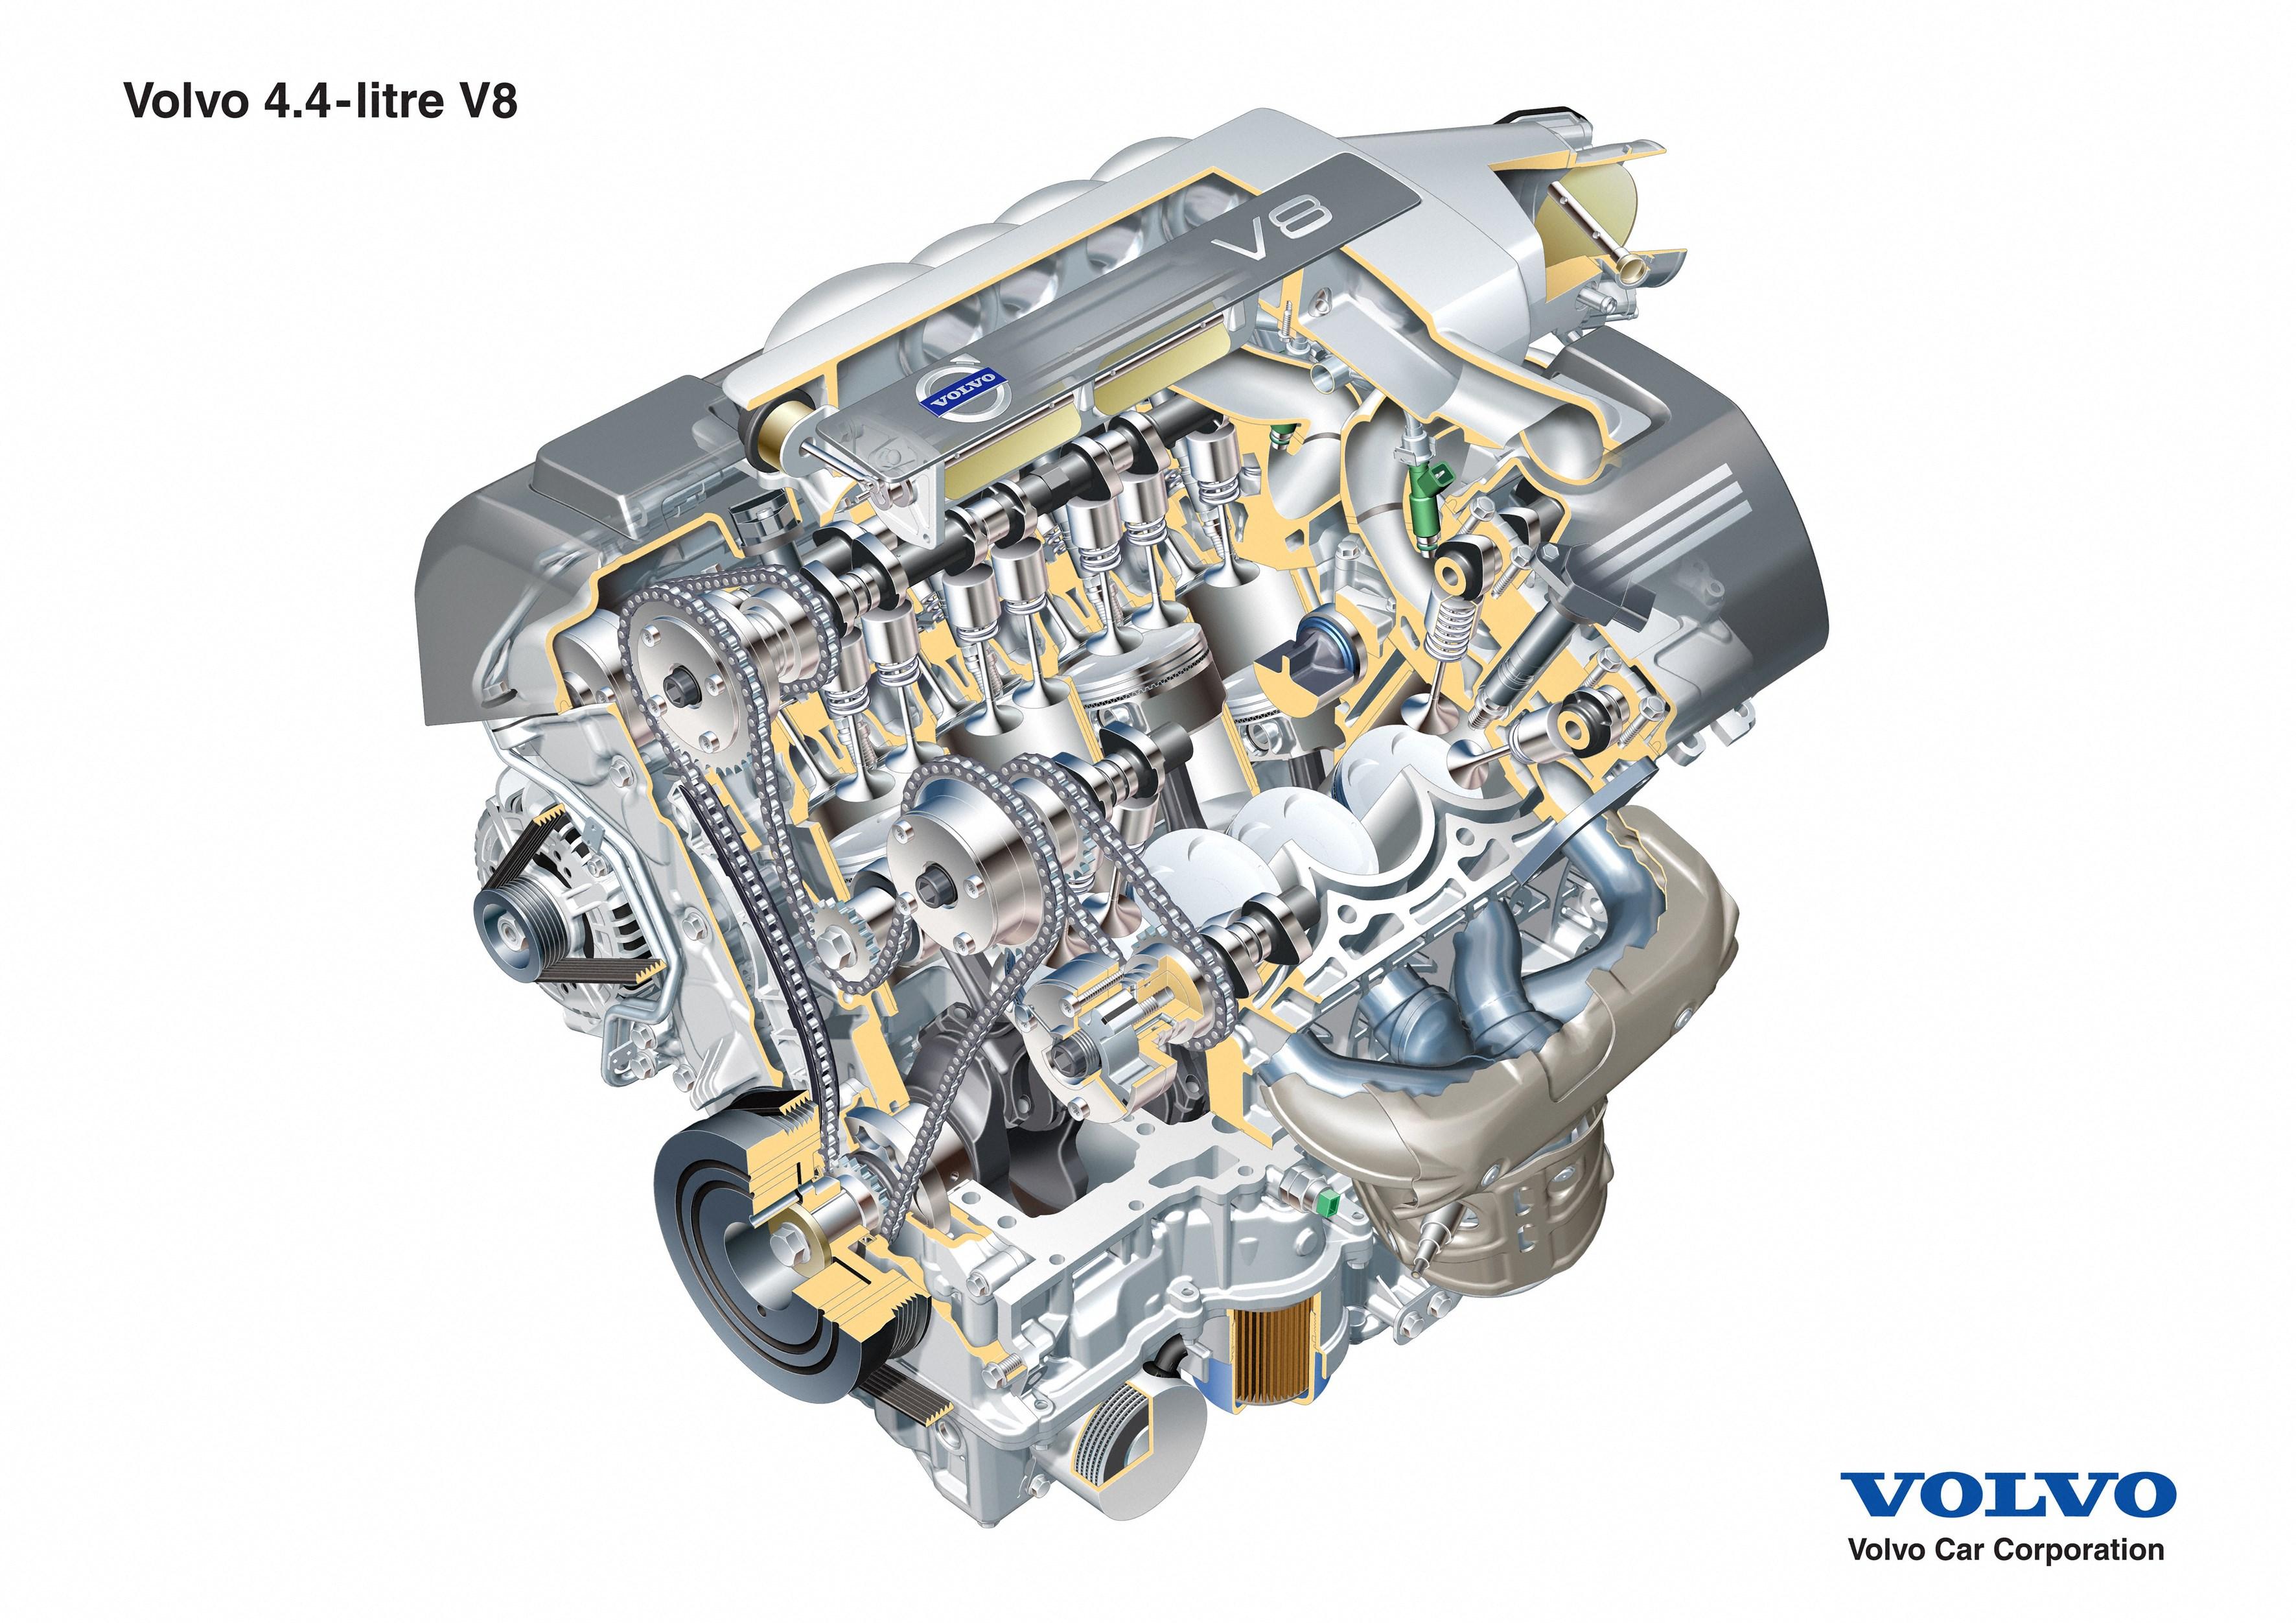 circa 2007 Volvo XC90 V8